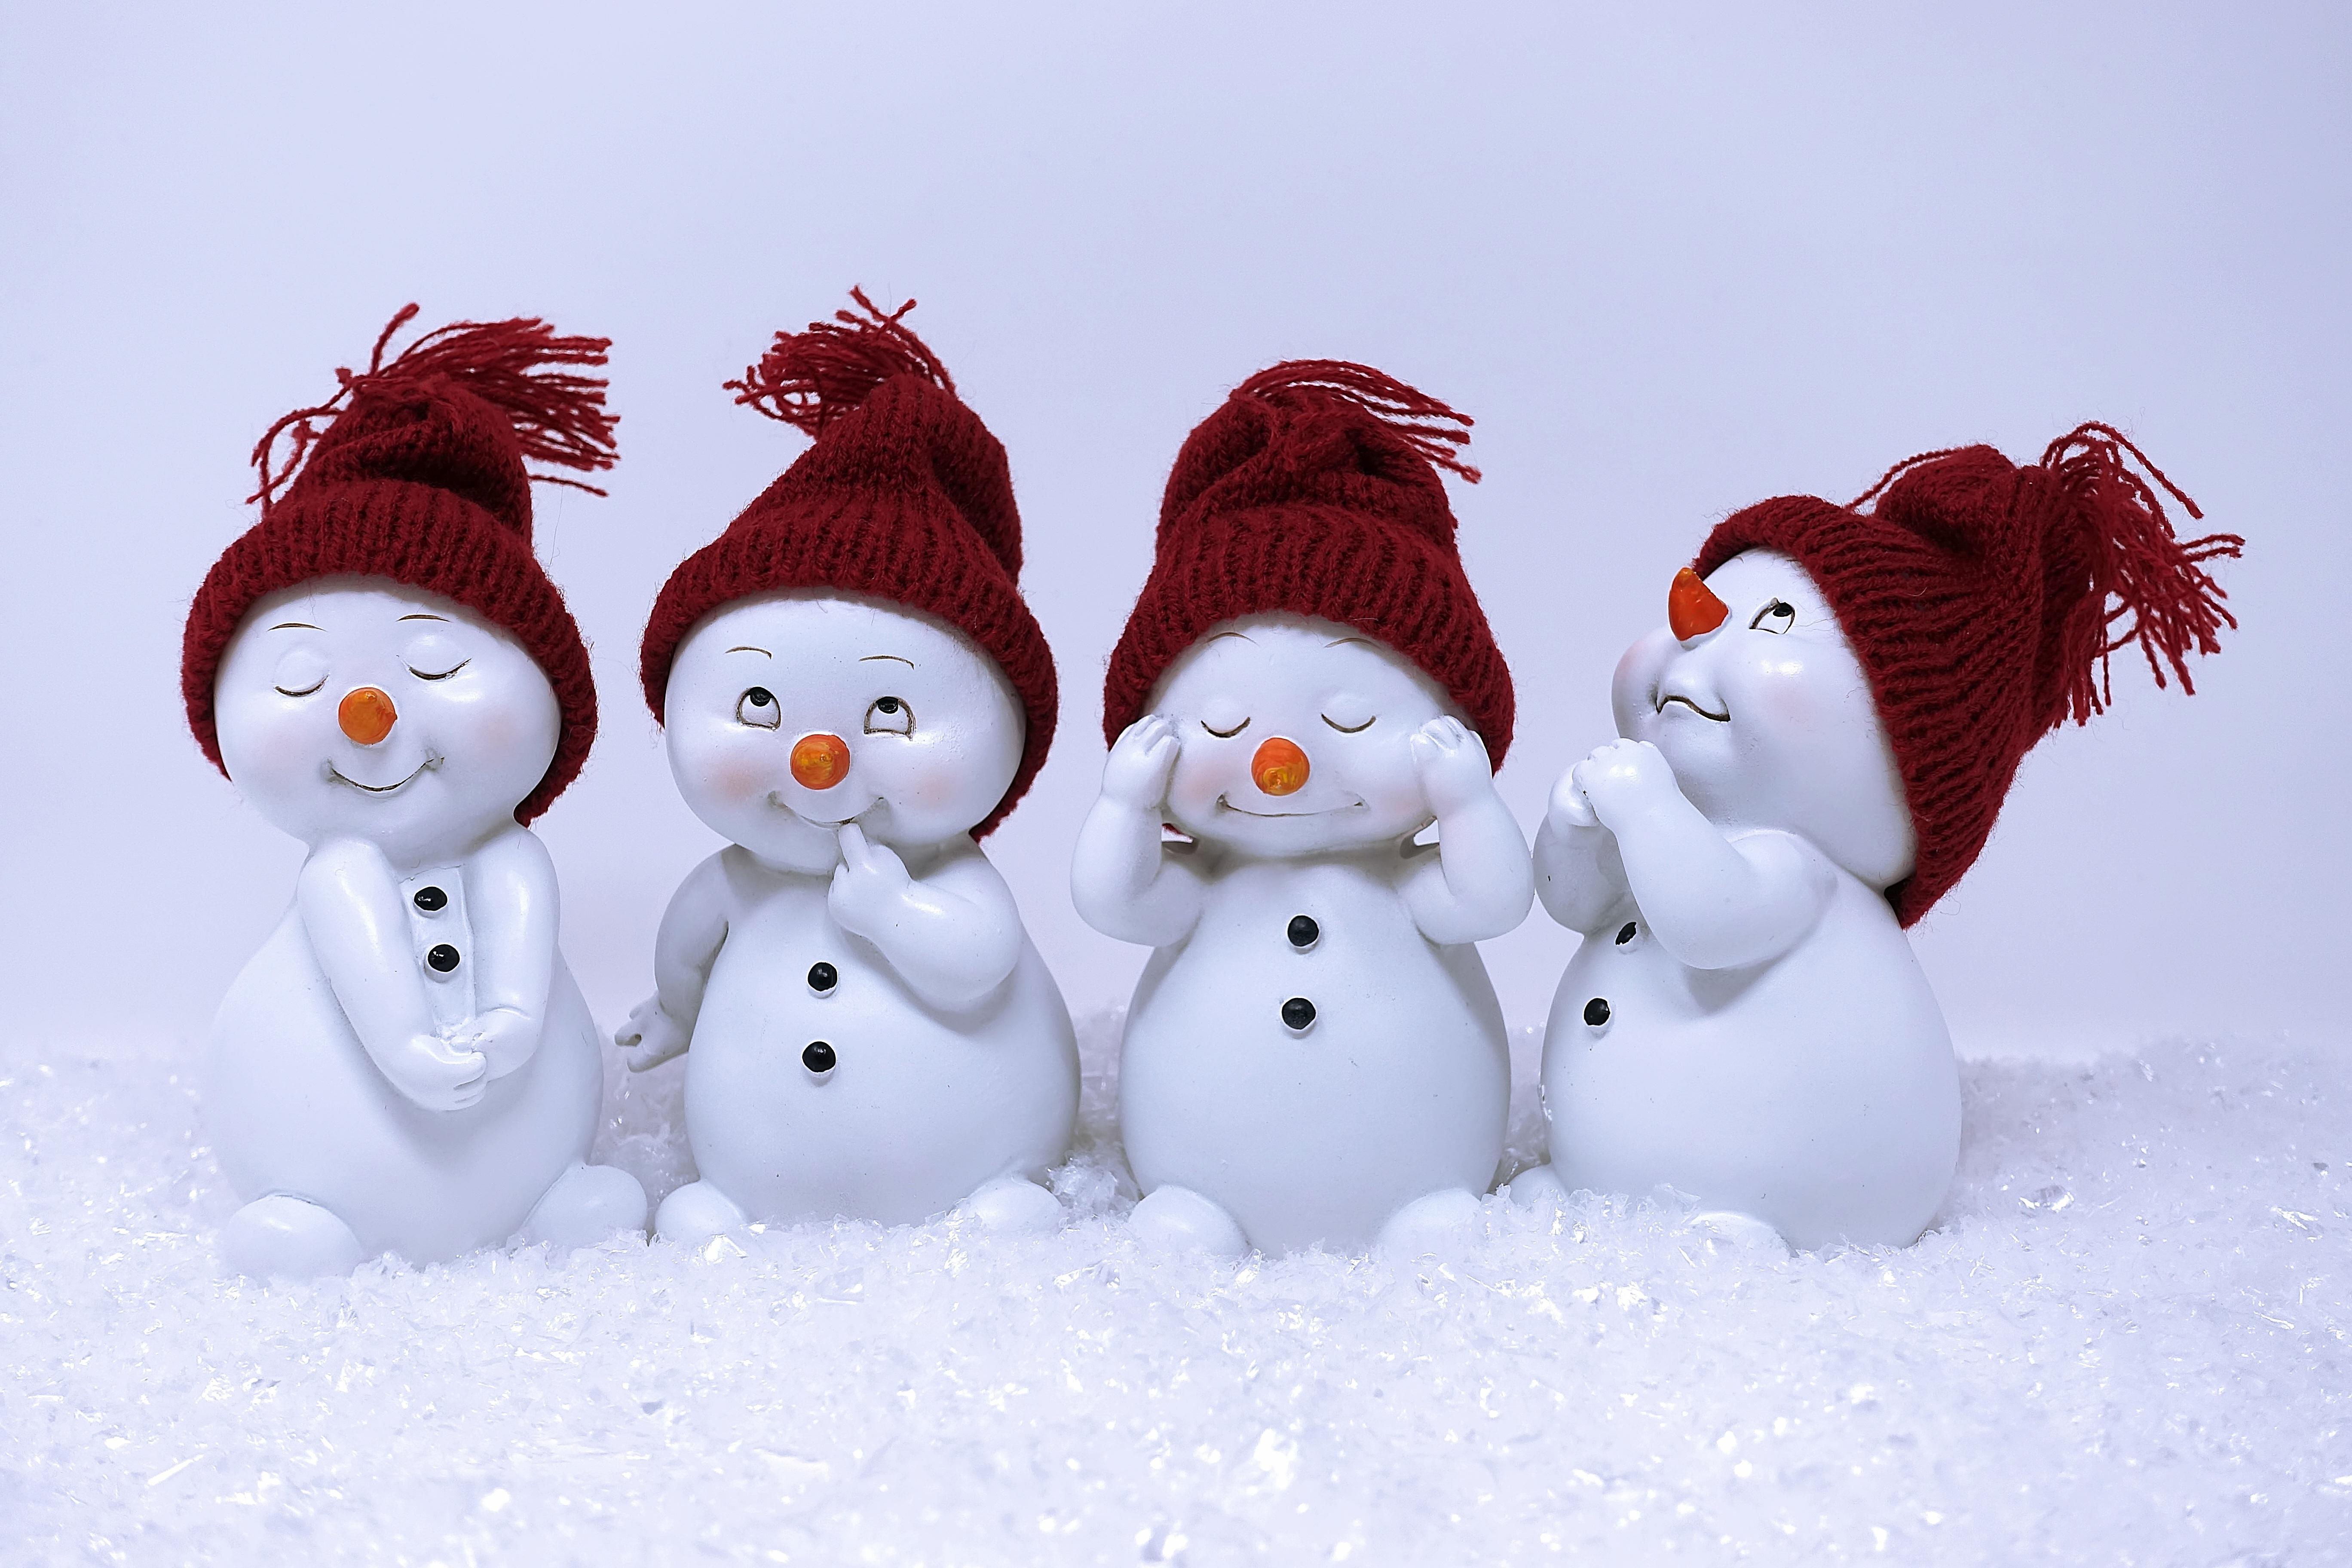 картинки новогодние снеговики прикольные разные ребята